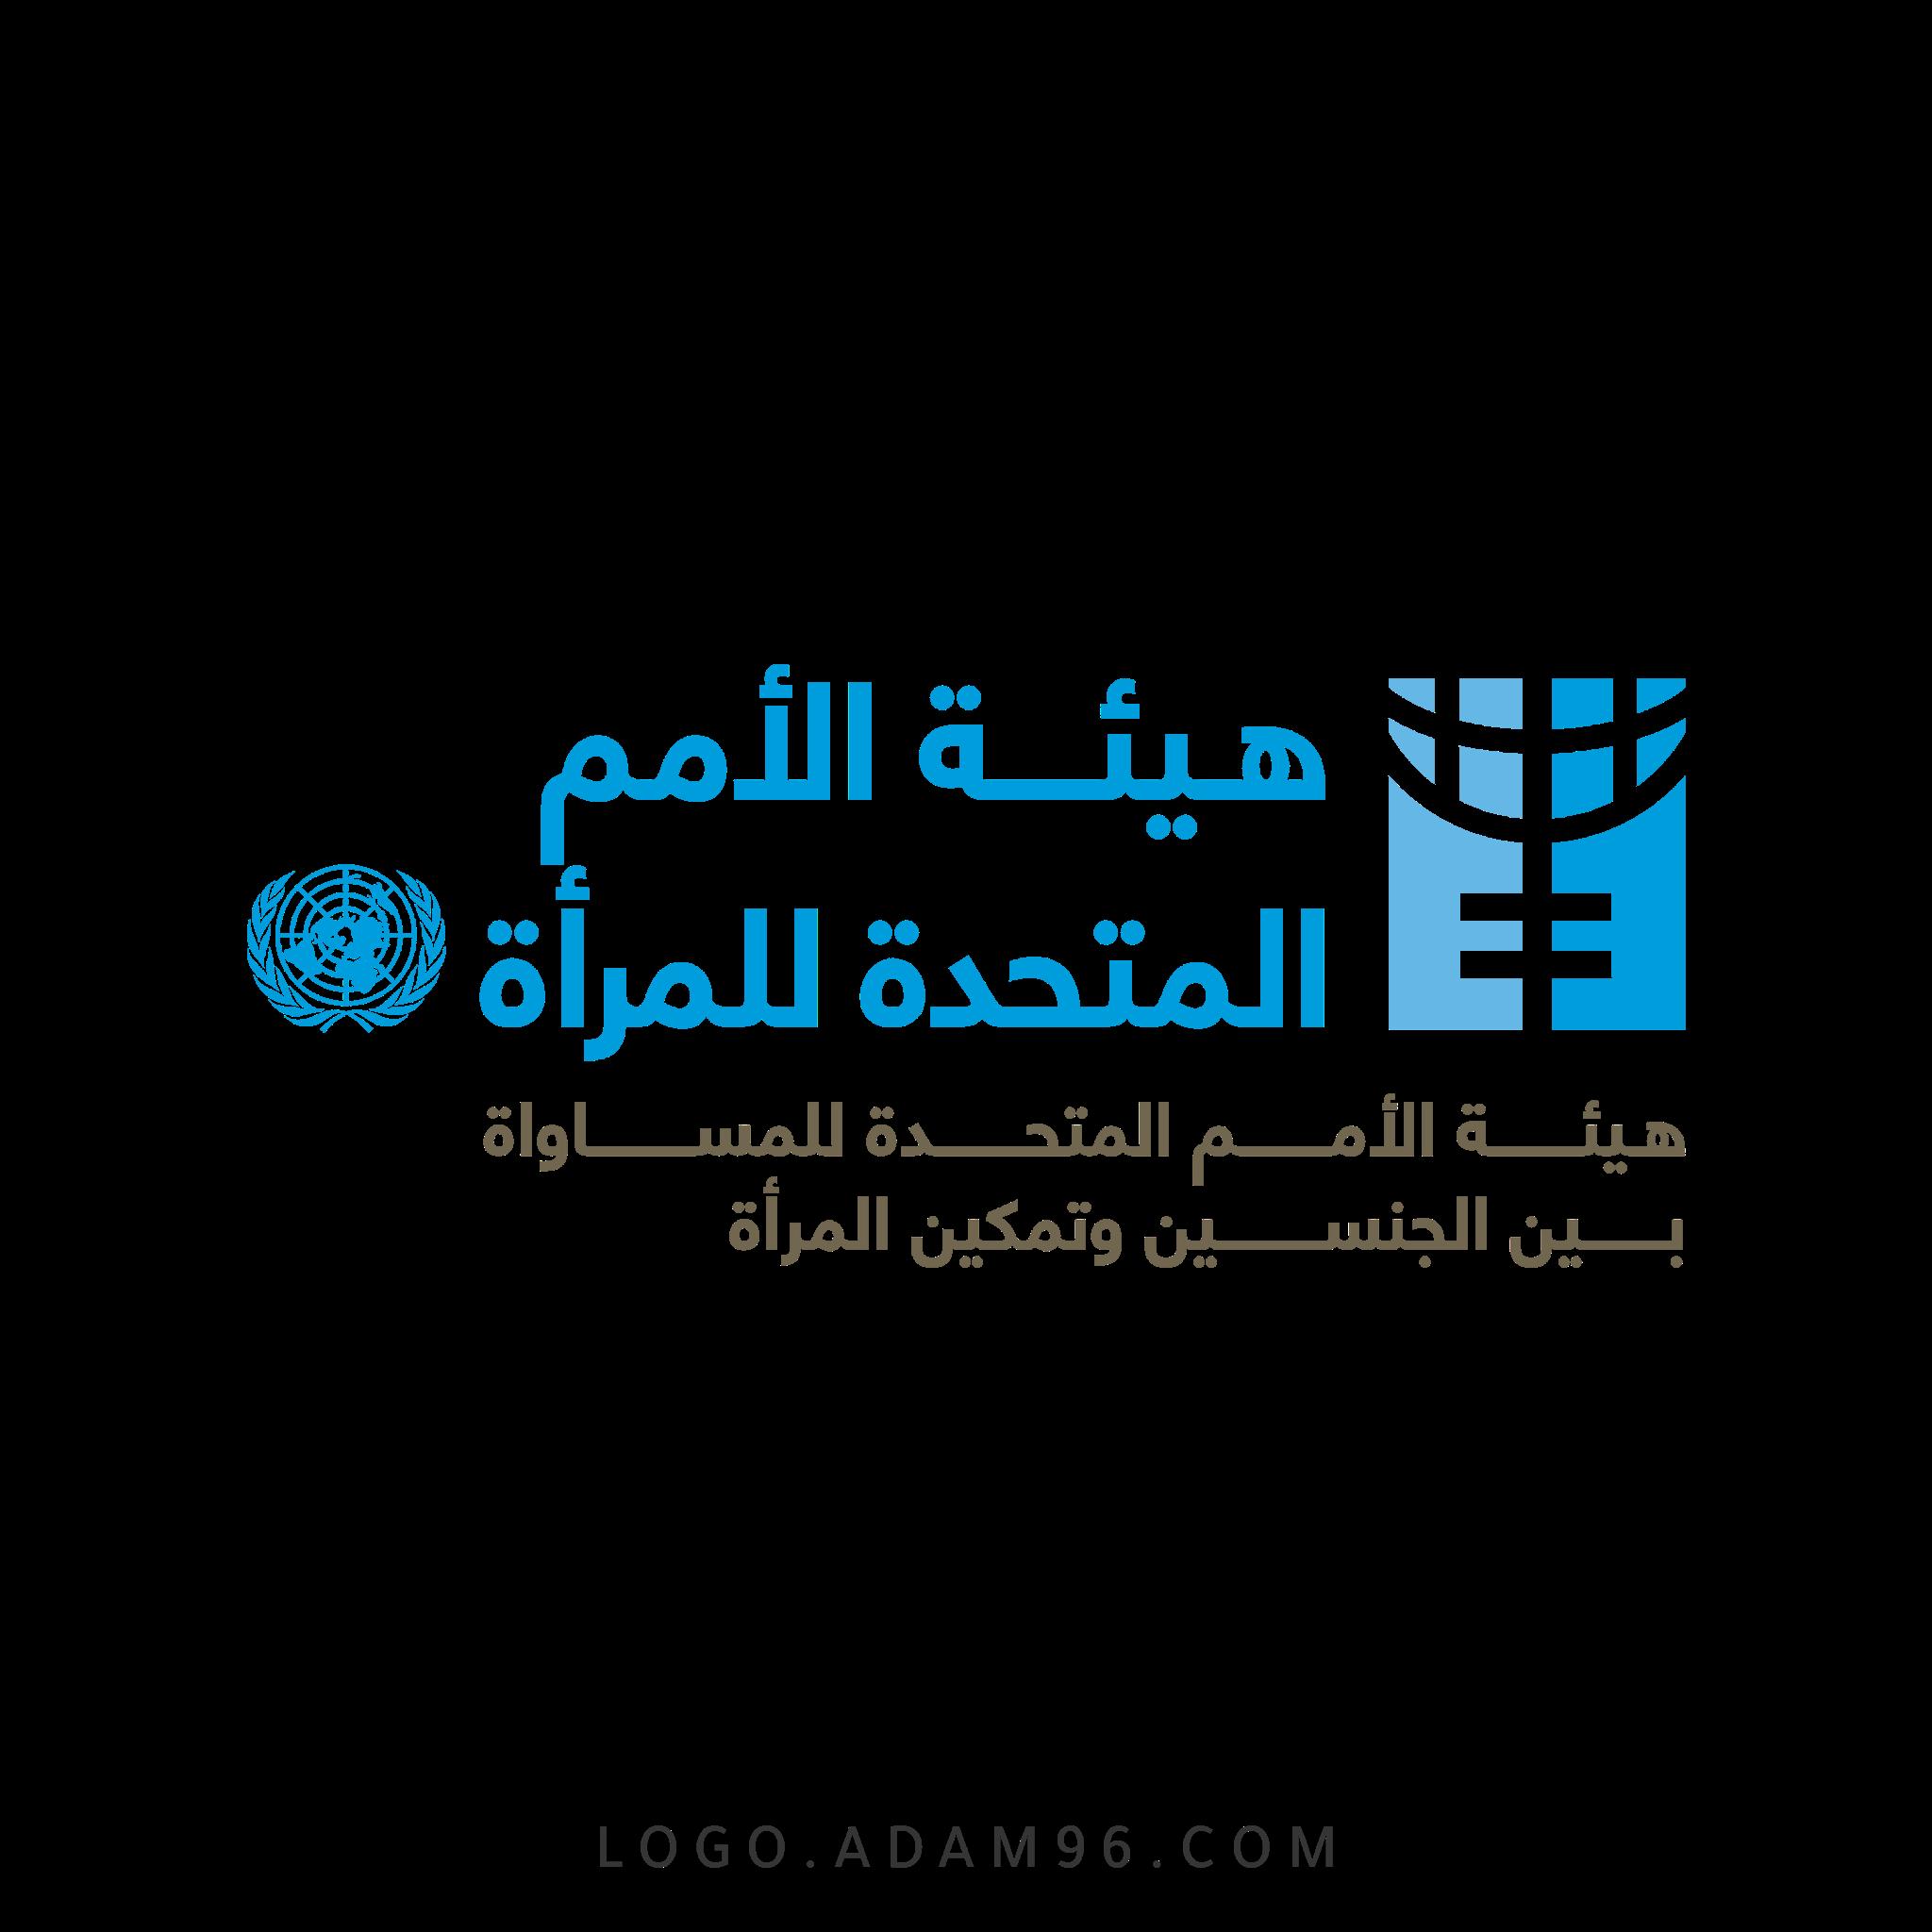 تحميل شعار هيئة الامم المتحدة لتمكين المراة والمساواة بين الجنسين Logo UN WOMEN